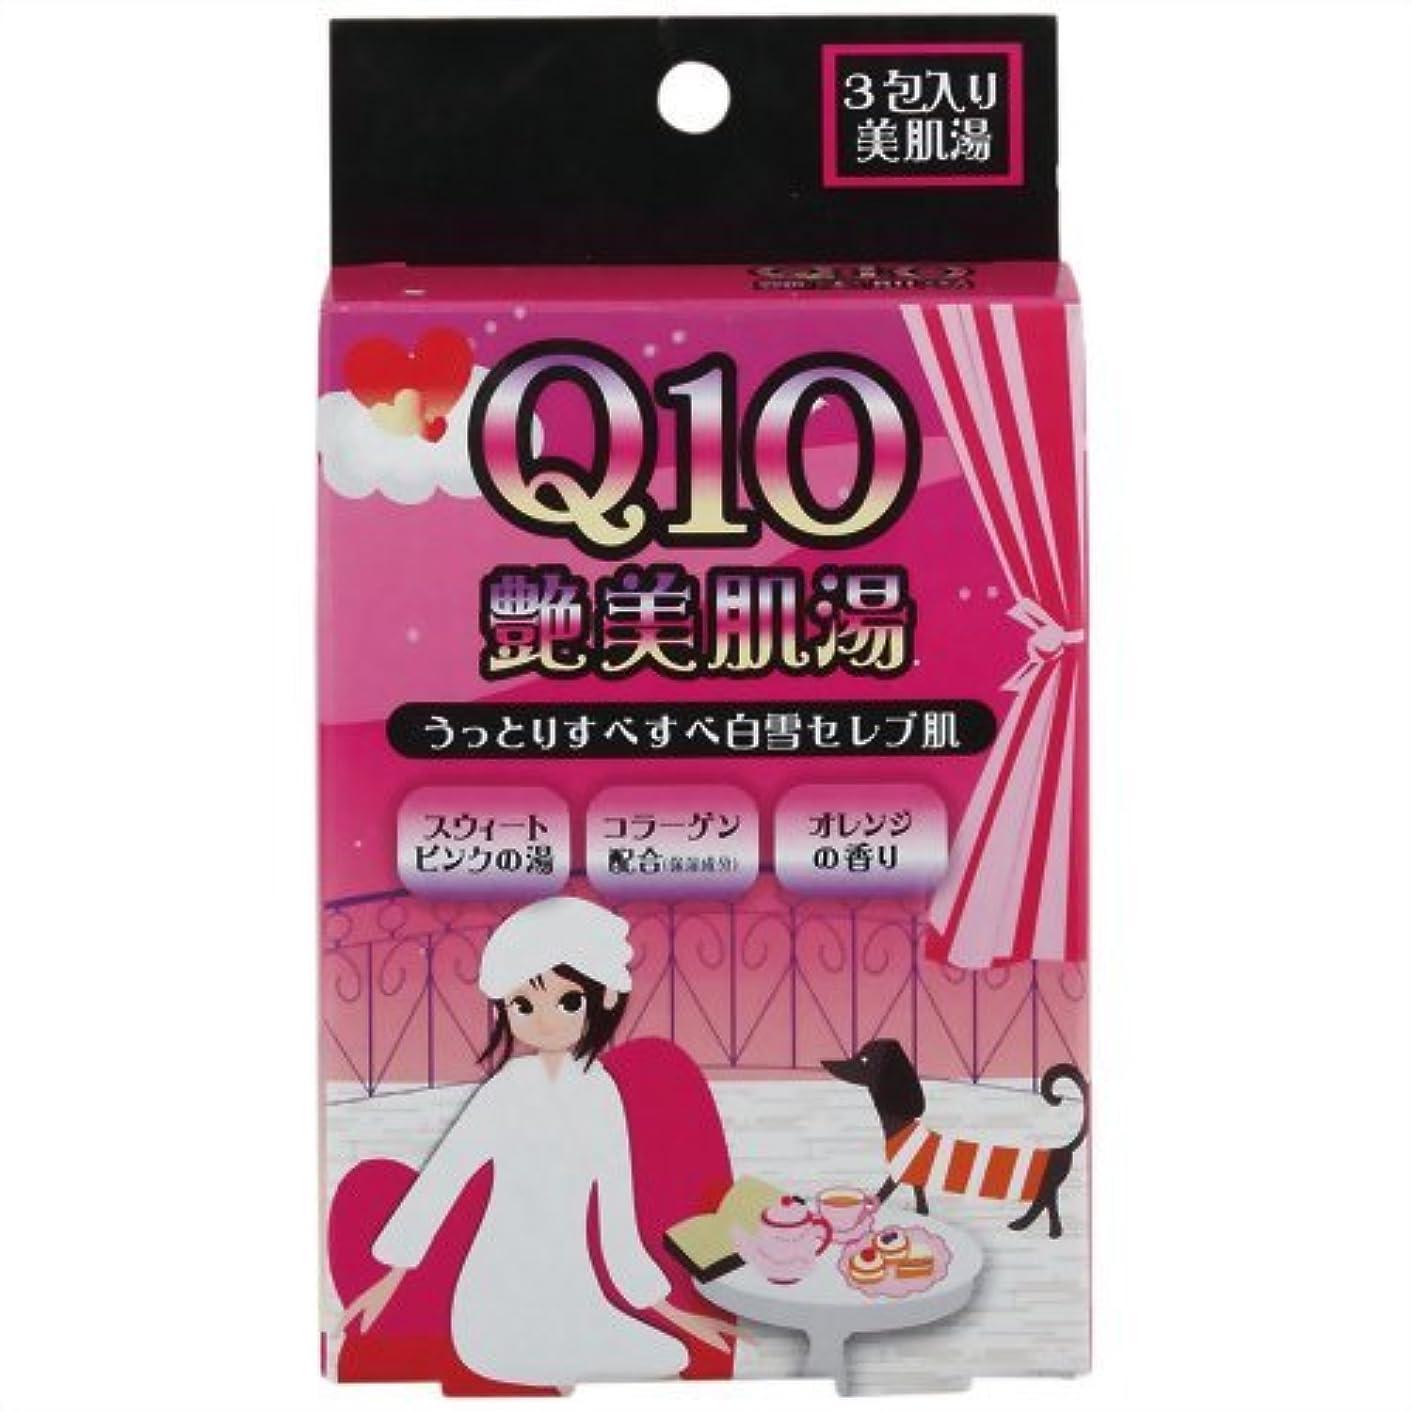 散文きらめき自動車紀陽除虫菊 Q10 艶美肌湯 (オレンジの香り)【まとめ買い10個セット】 N-8370